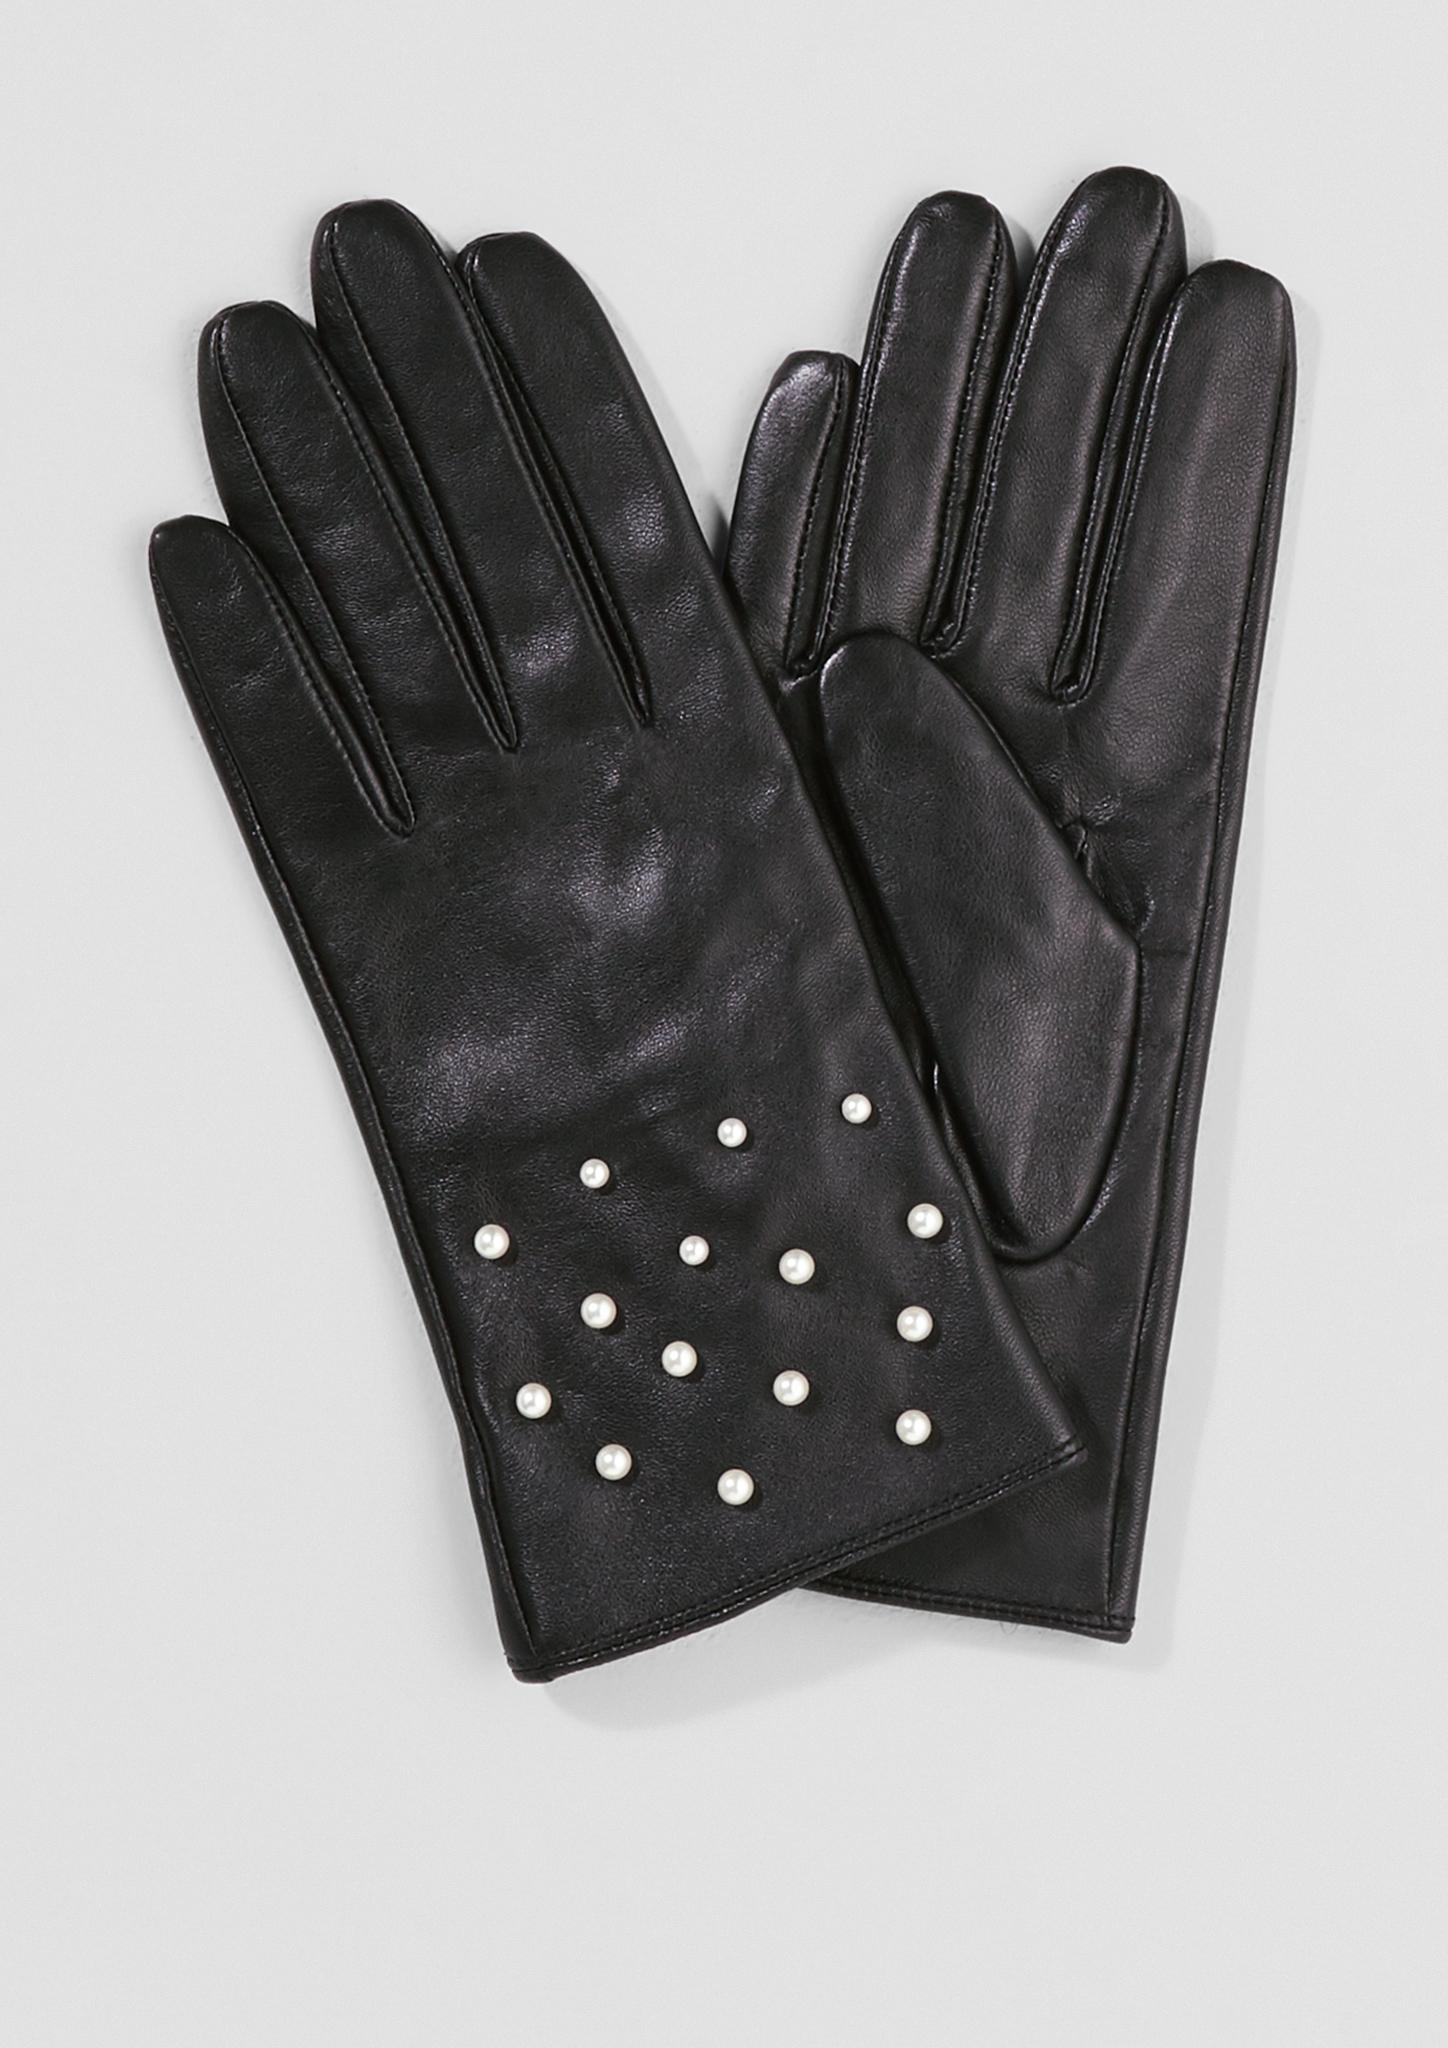 Lederhandschuhe | Accessoires > Handschuhe > Lederhandschuhe | Grau/schwarz | Obermaterial 100% leder| futter 100% polyester | s.Oliver BLACK LABEL